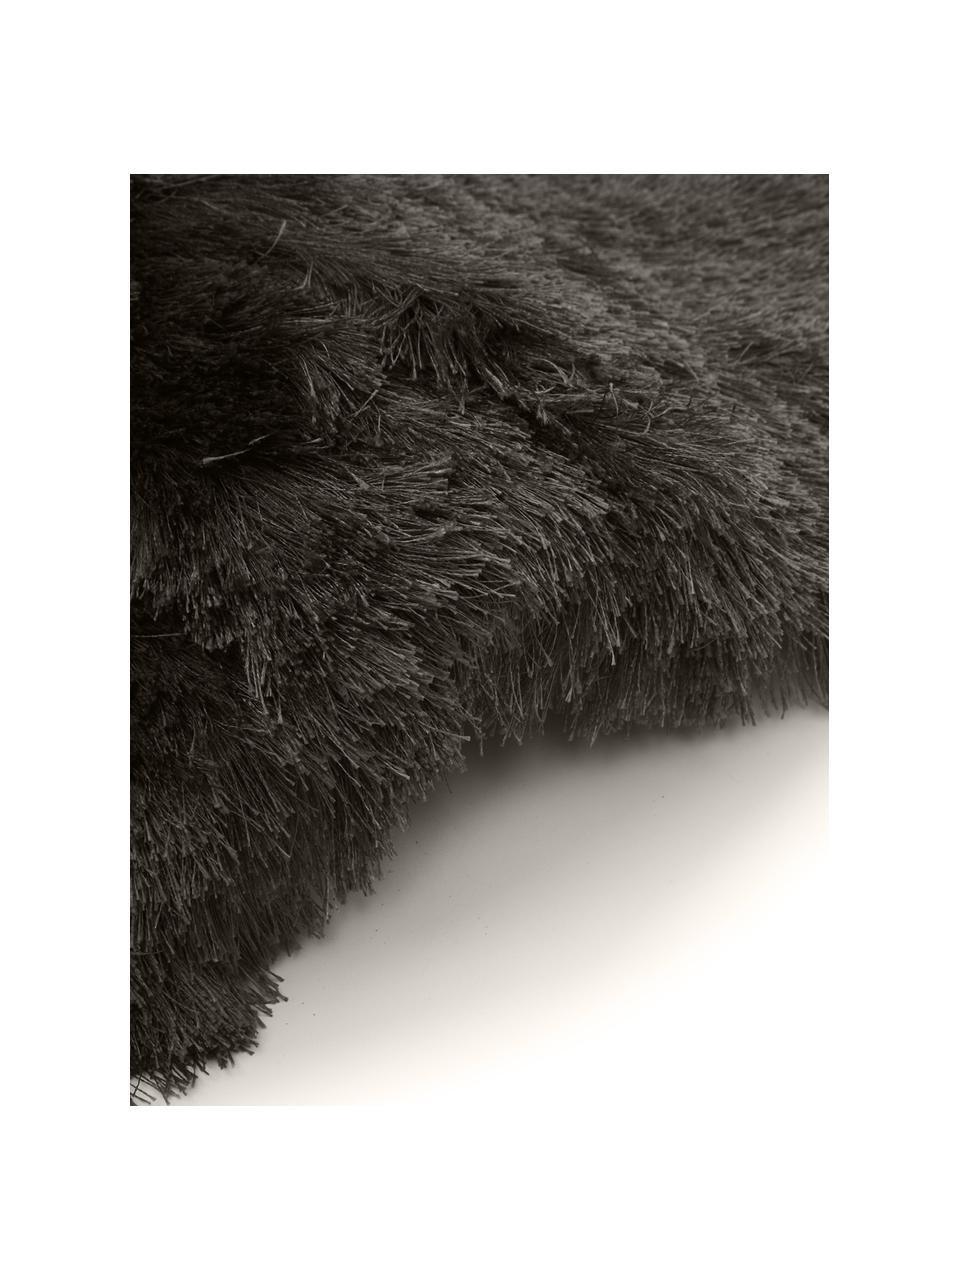 Tappeto lucido a pelo lungo grigio scuro Jimmy, Retro: 100% cotone, Grigio scuro, Larg. 300 x Lung. 400 cm (taglia XL)